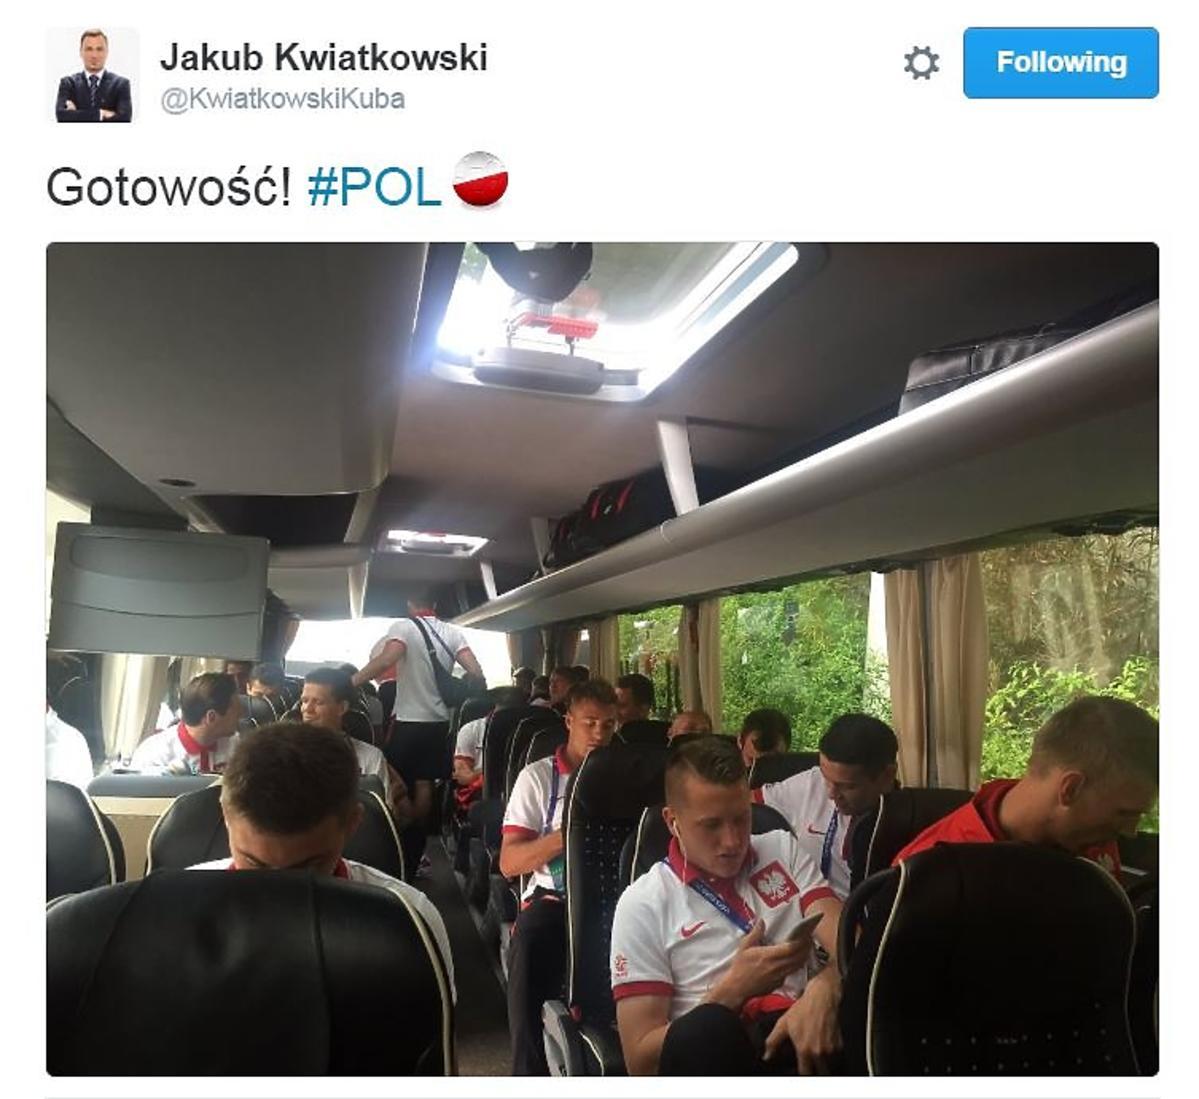 Polscy piłkarze w drodze na mecz relacja na żywo Polska - Ukraina